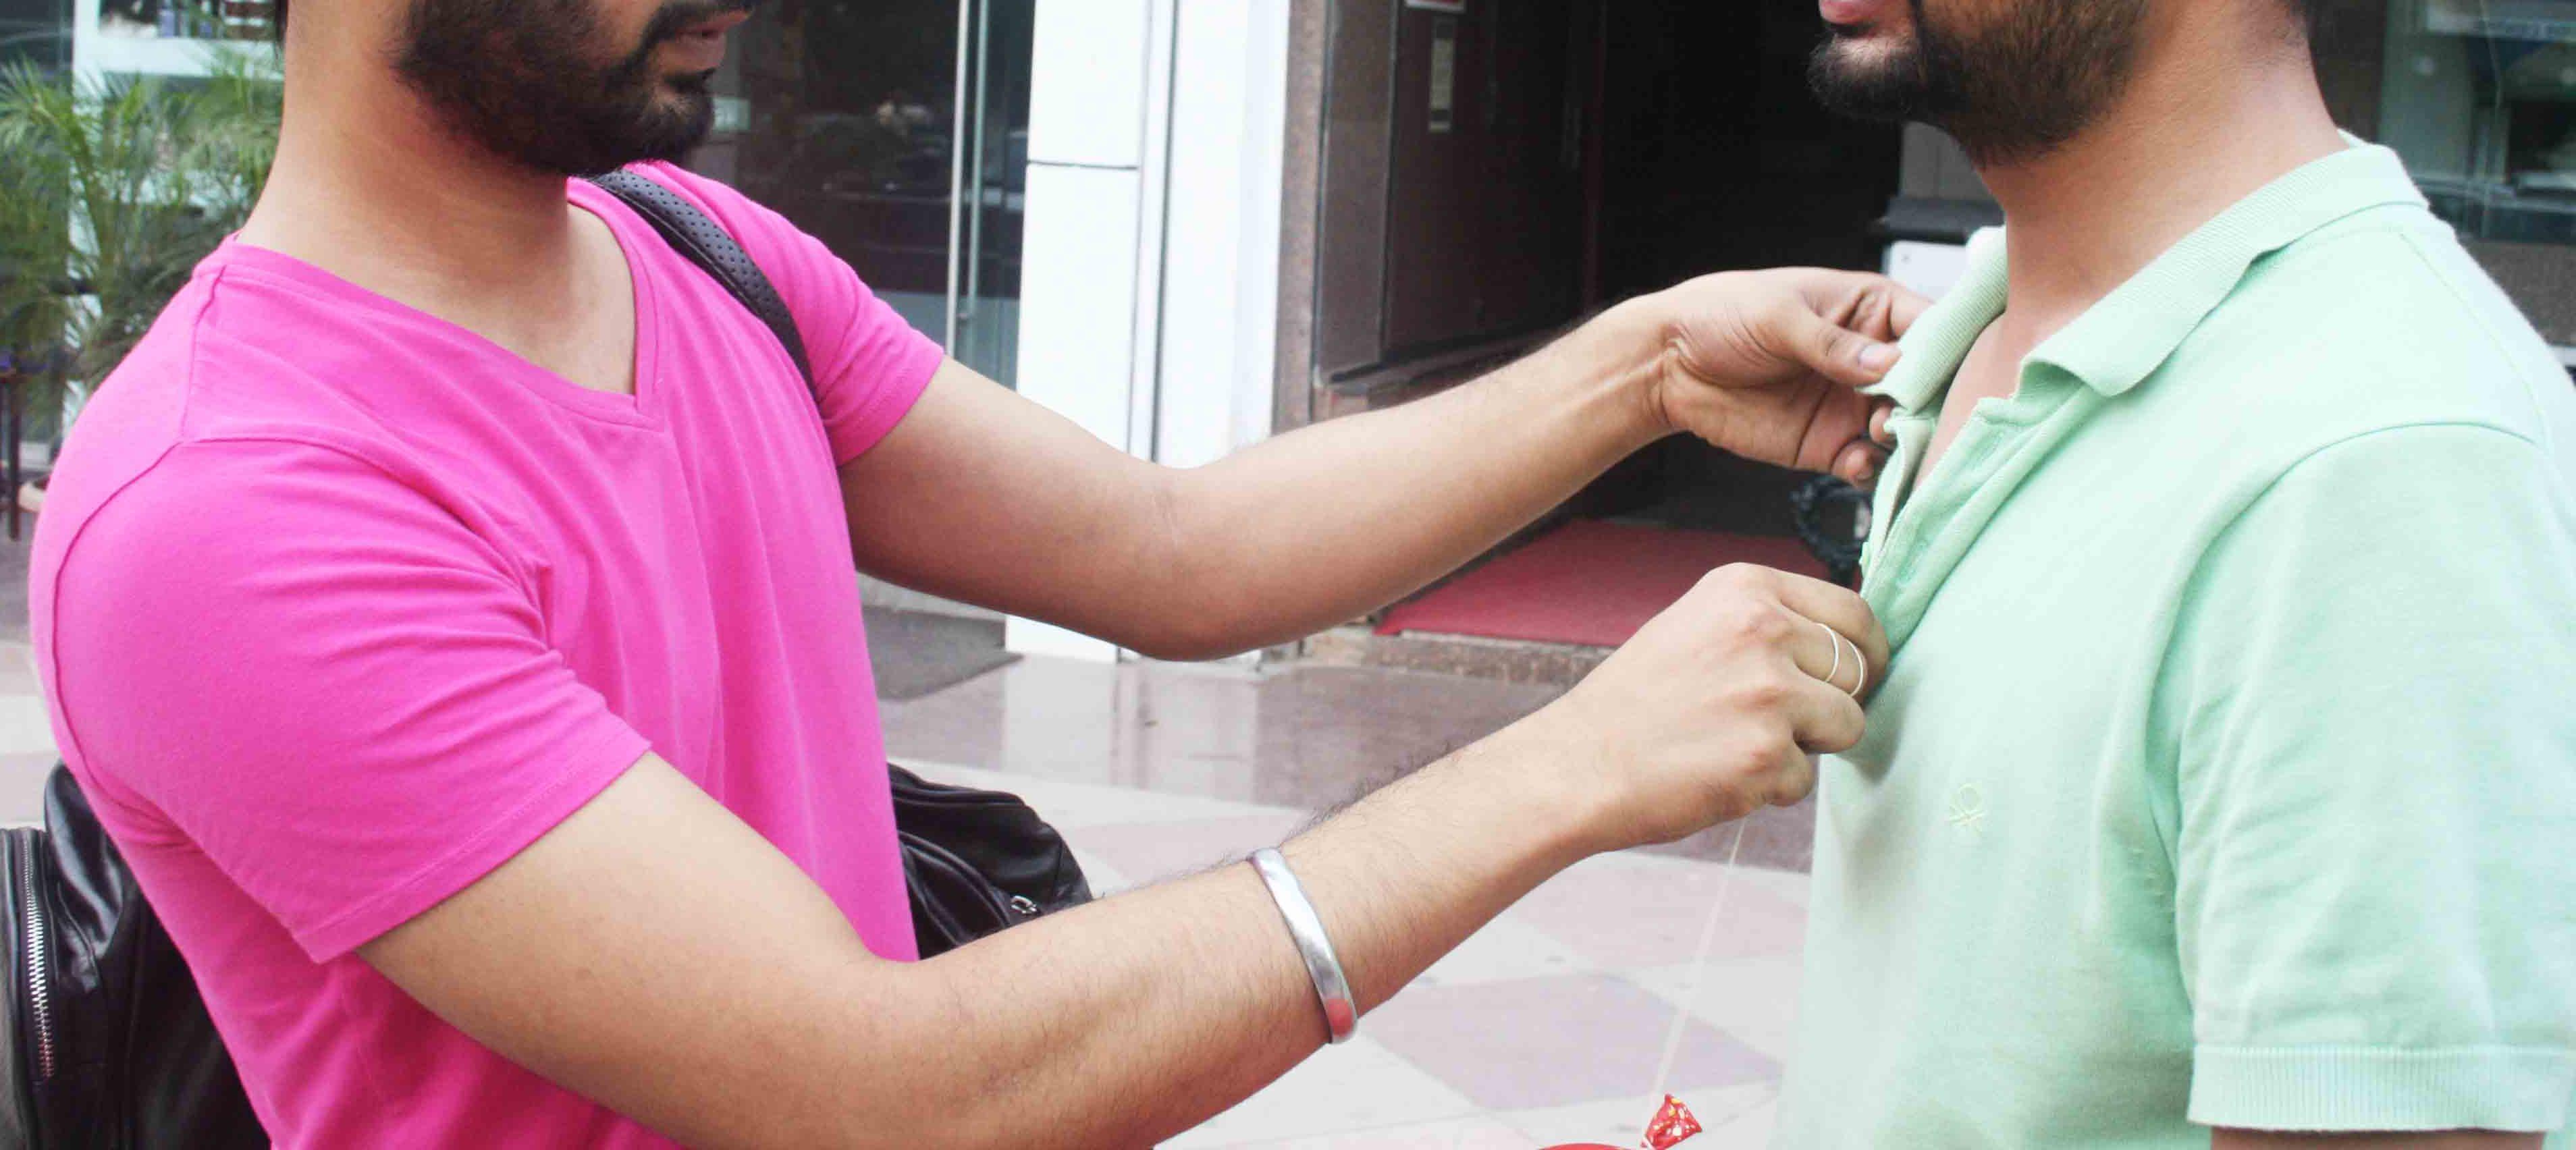 Mission Delhi – A. Husain, Green Park Market